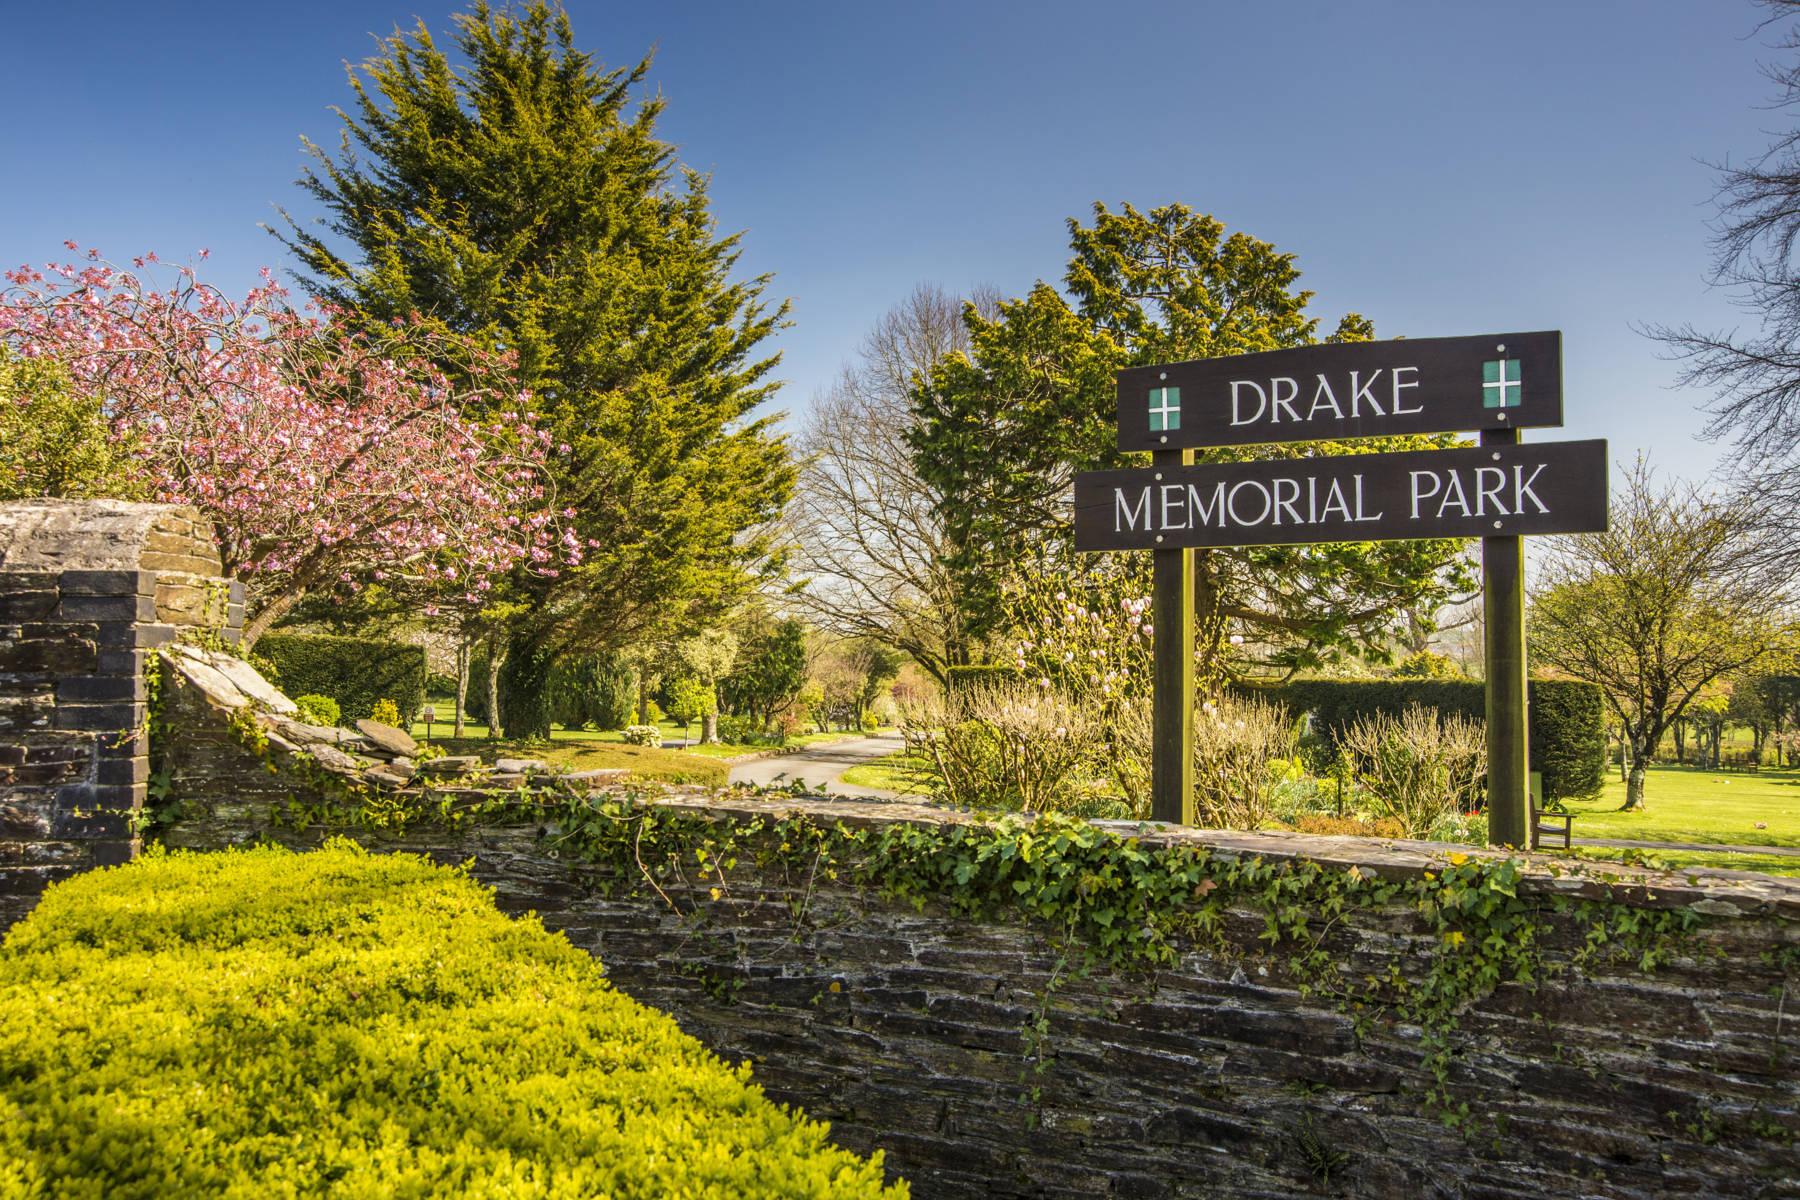 http://drakememorialpark.co.uk/upload/gallery_image/8016f5270319114640.JPG